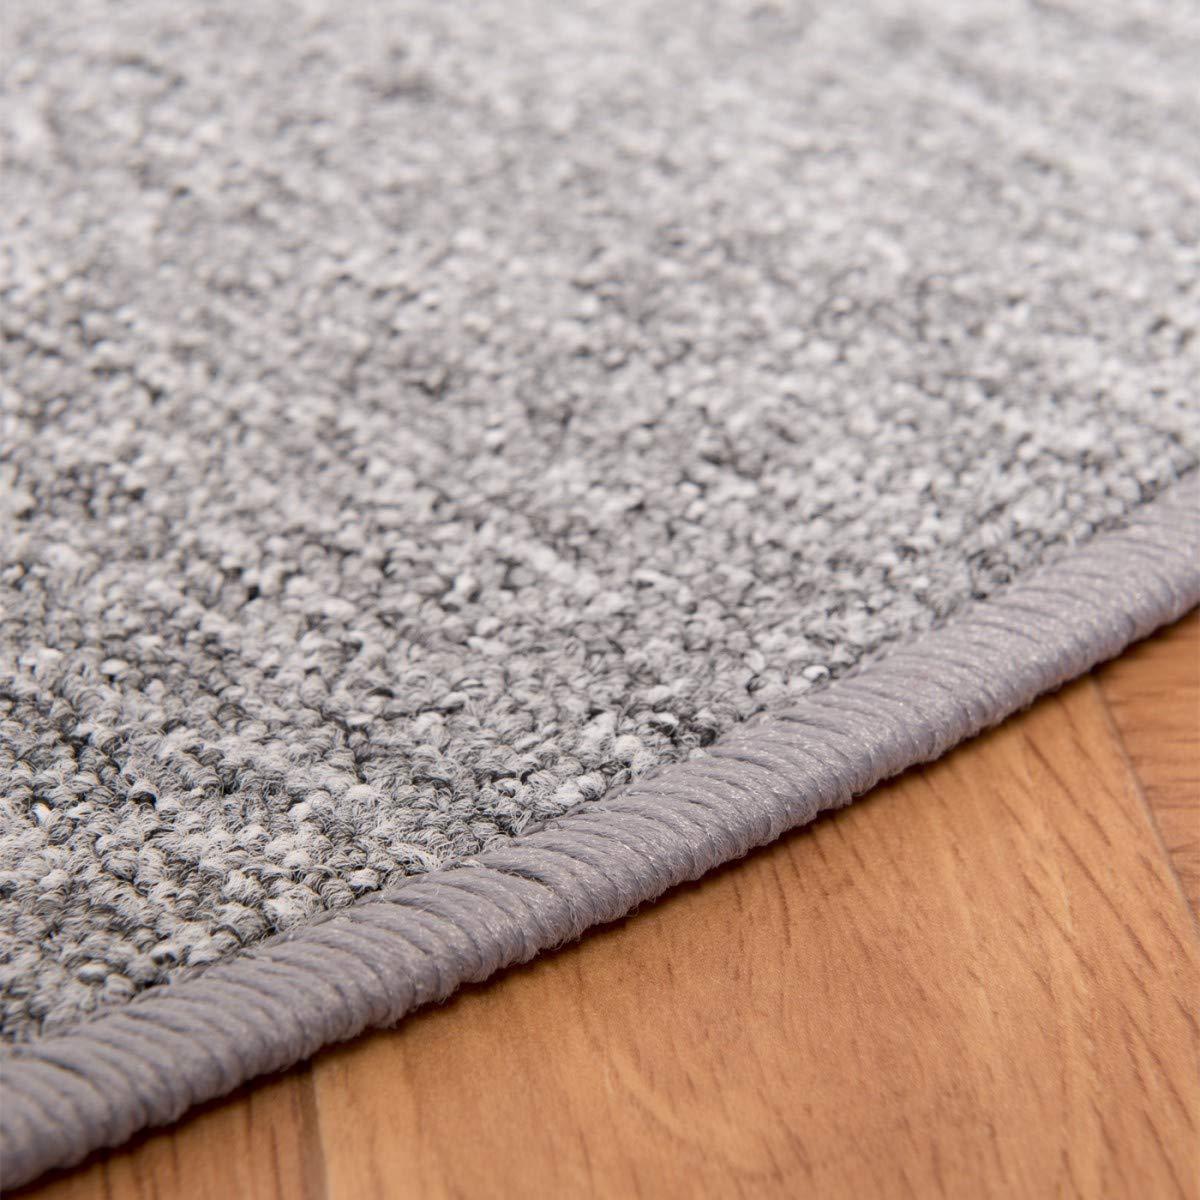 Havatex Schlingen Teppich Torronto Torronto Torronto rund - schadstoffgeprüft und pflegeleicht   robust strapazierfähig   für Flur Wohnzimmer Schlafzimmer, Farbe Blau, Größe 160 cm rund B00B66GXAI Teppiche 5dc429